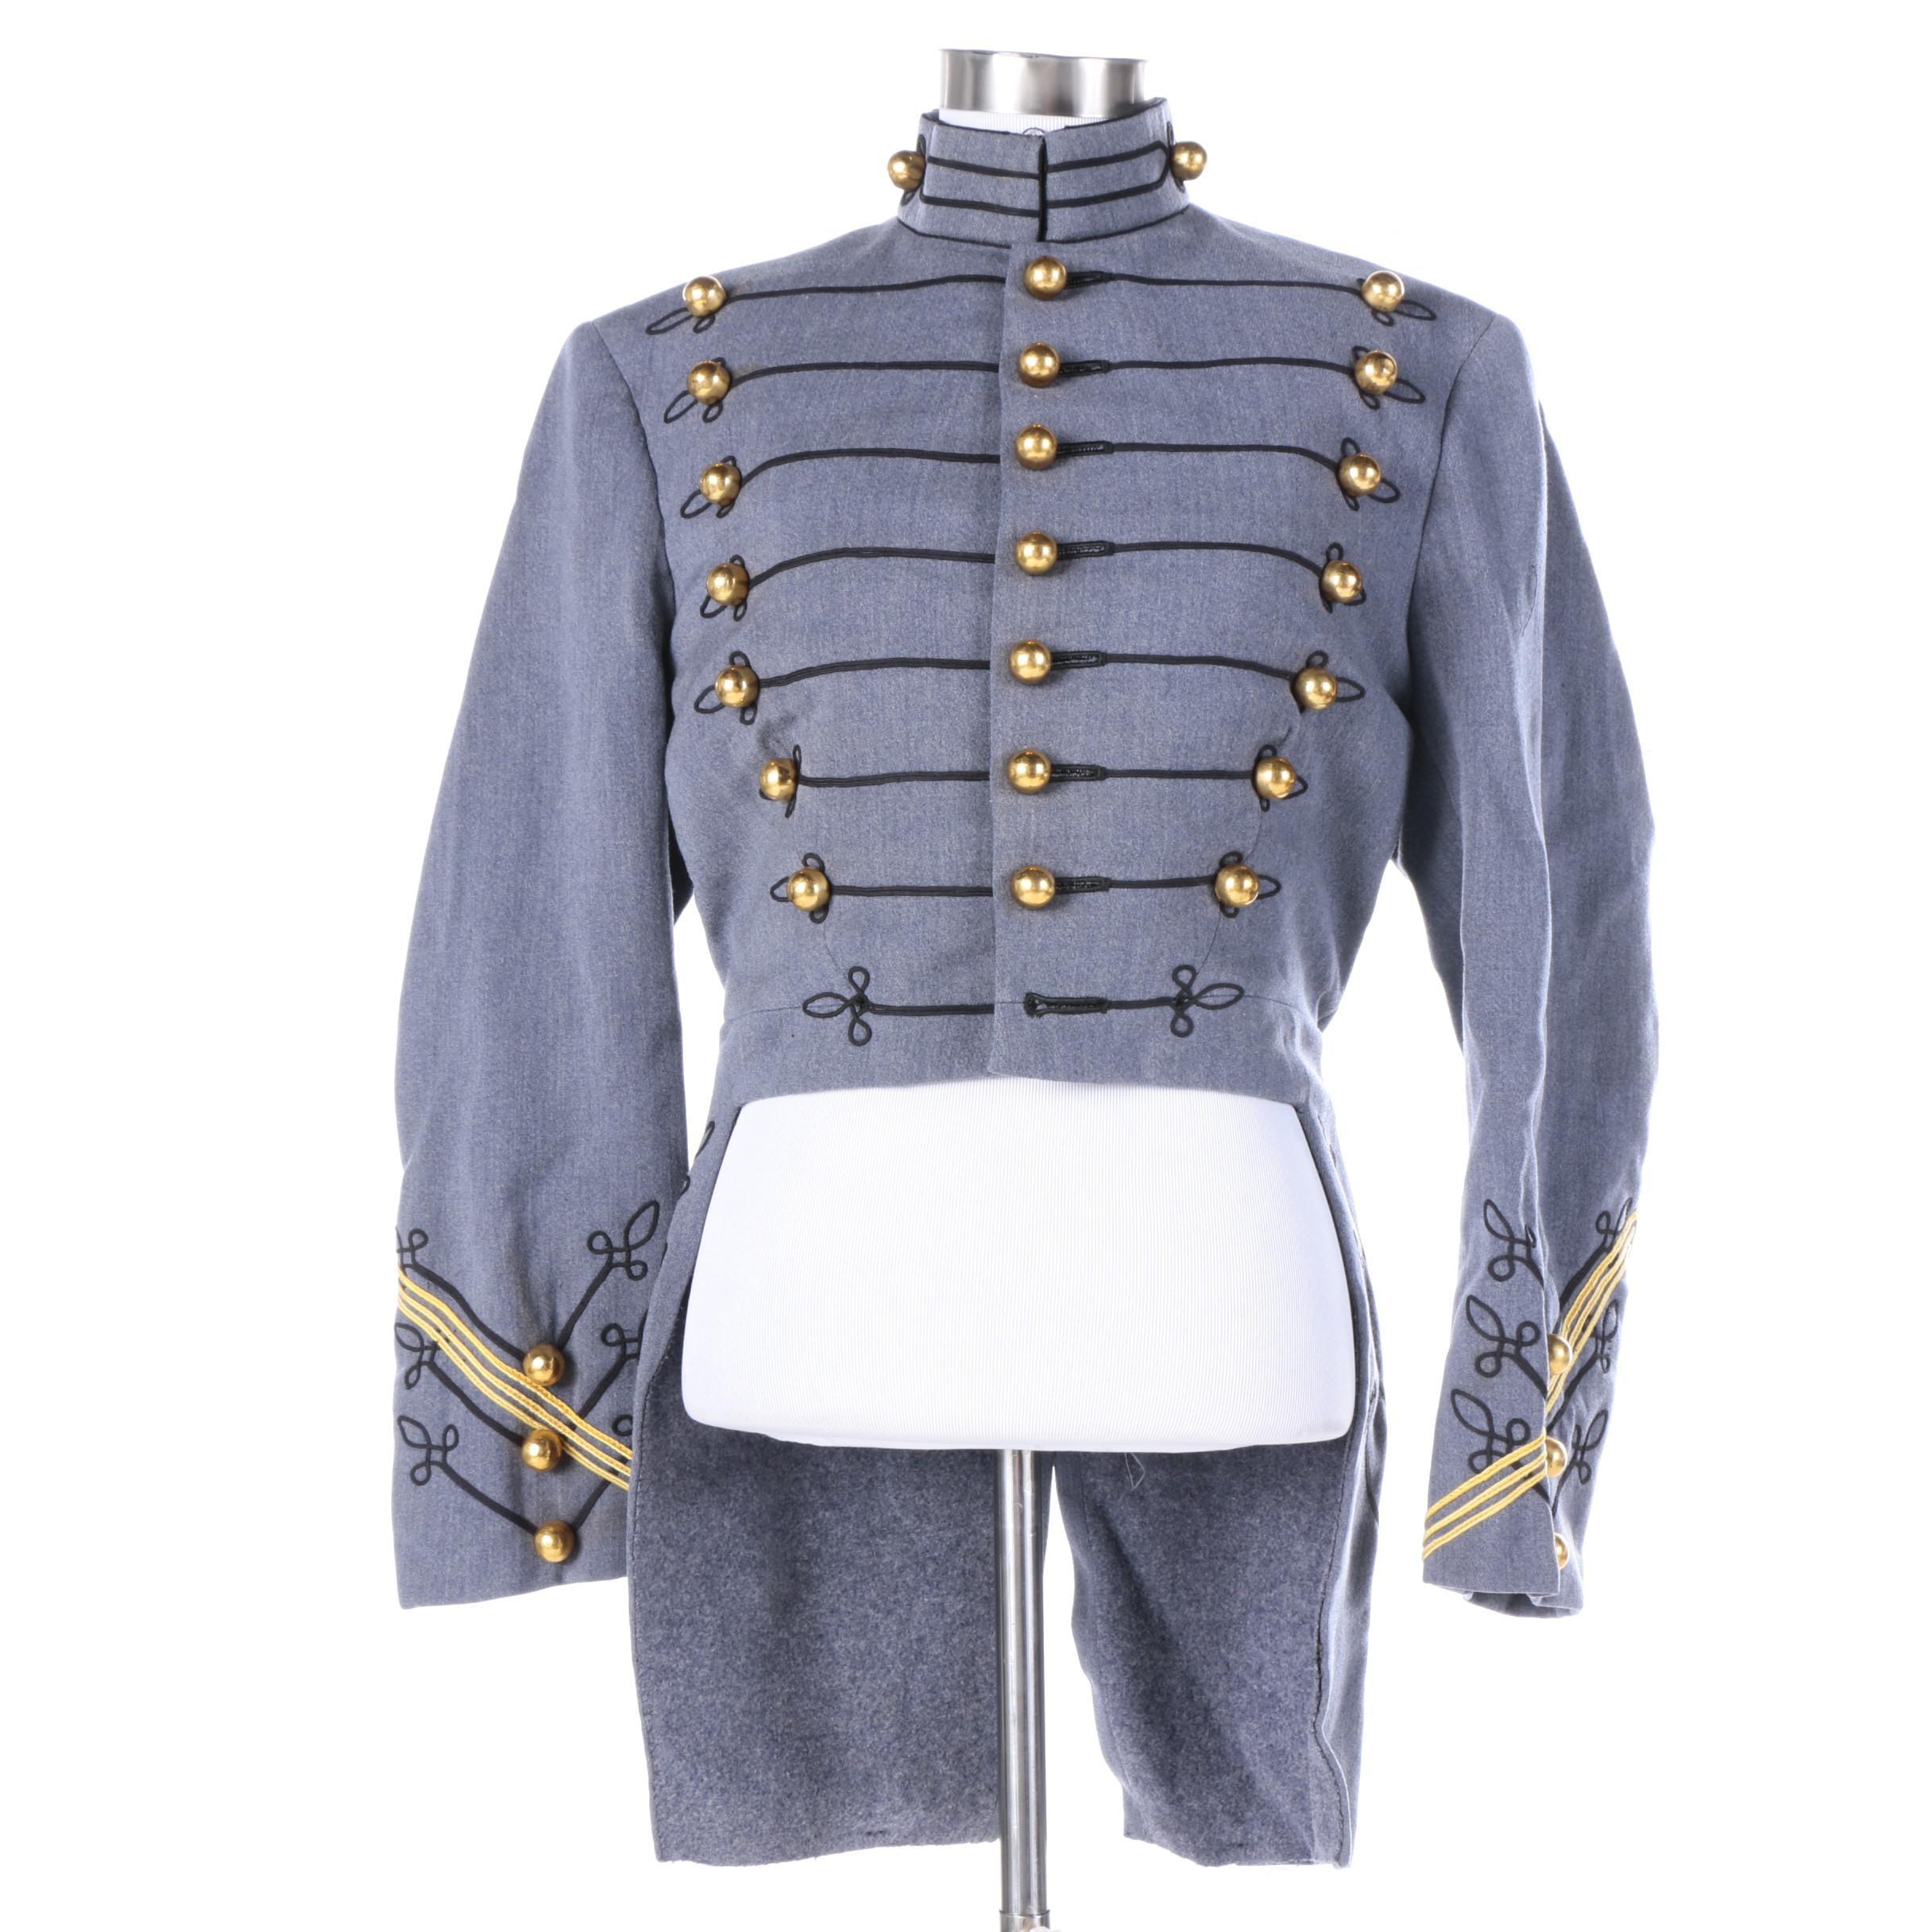 Vintage USMA West Point Cadet Uniform Frockcoat